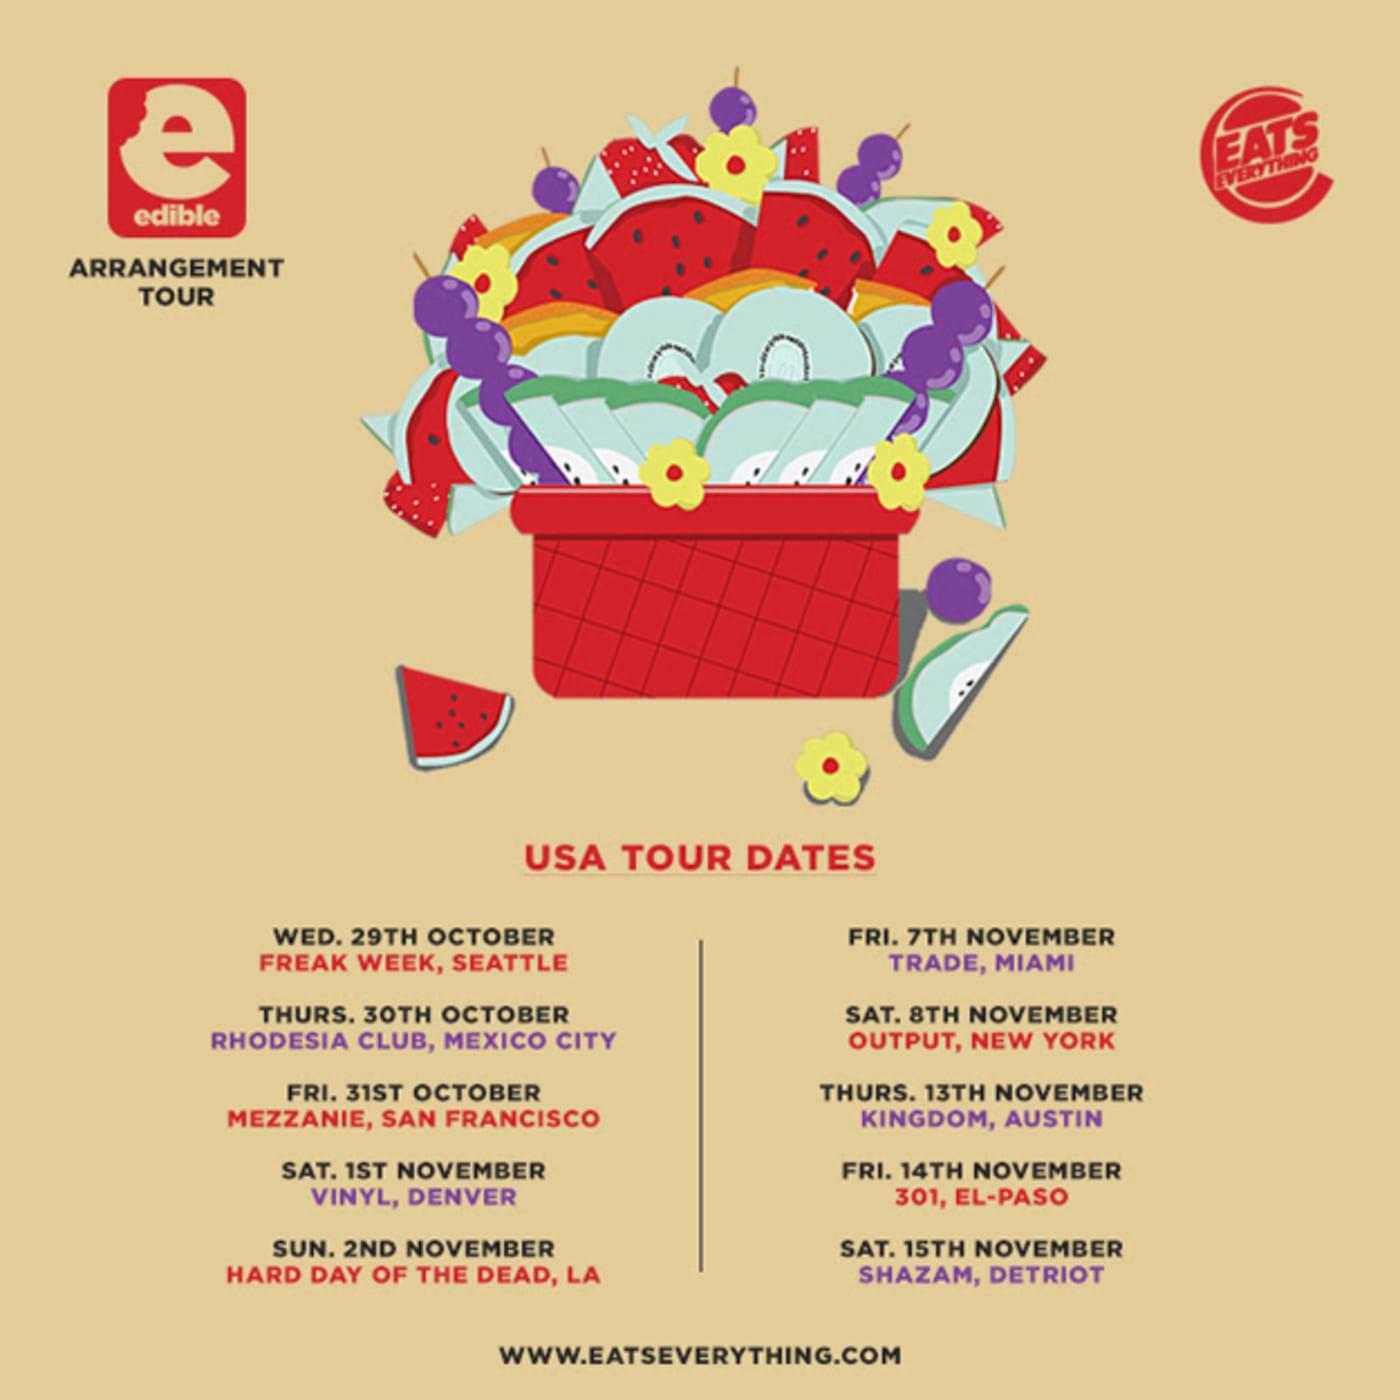 edible arrangement tour